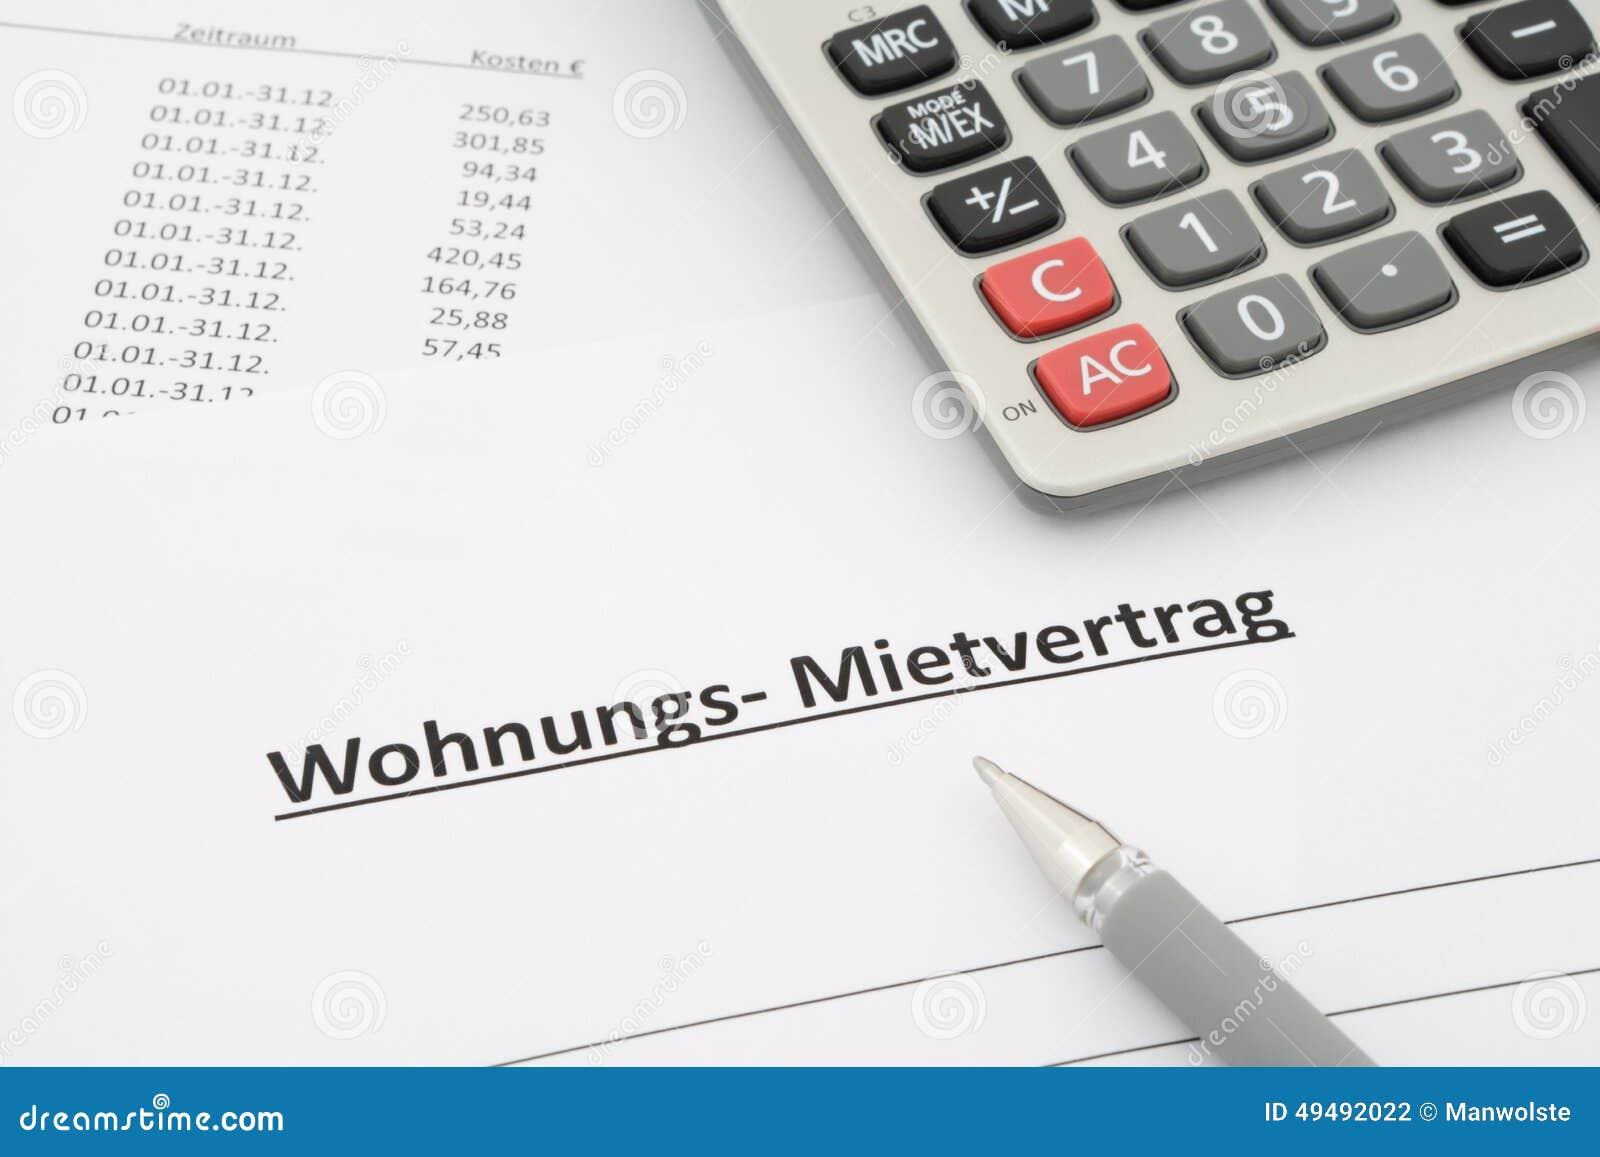 Niemiecka do wynajęcia zgoda w niemiec - Mietvertrag Wohnung -